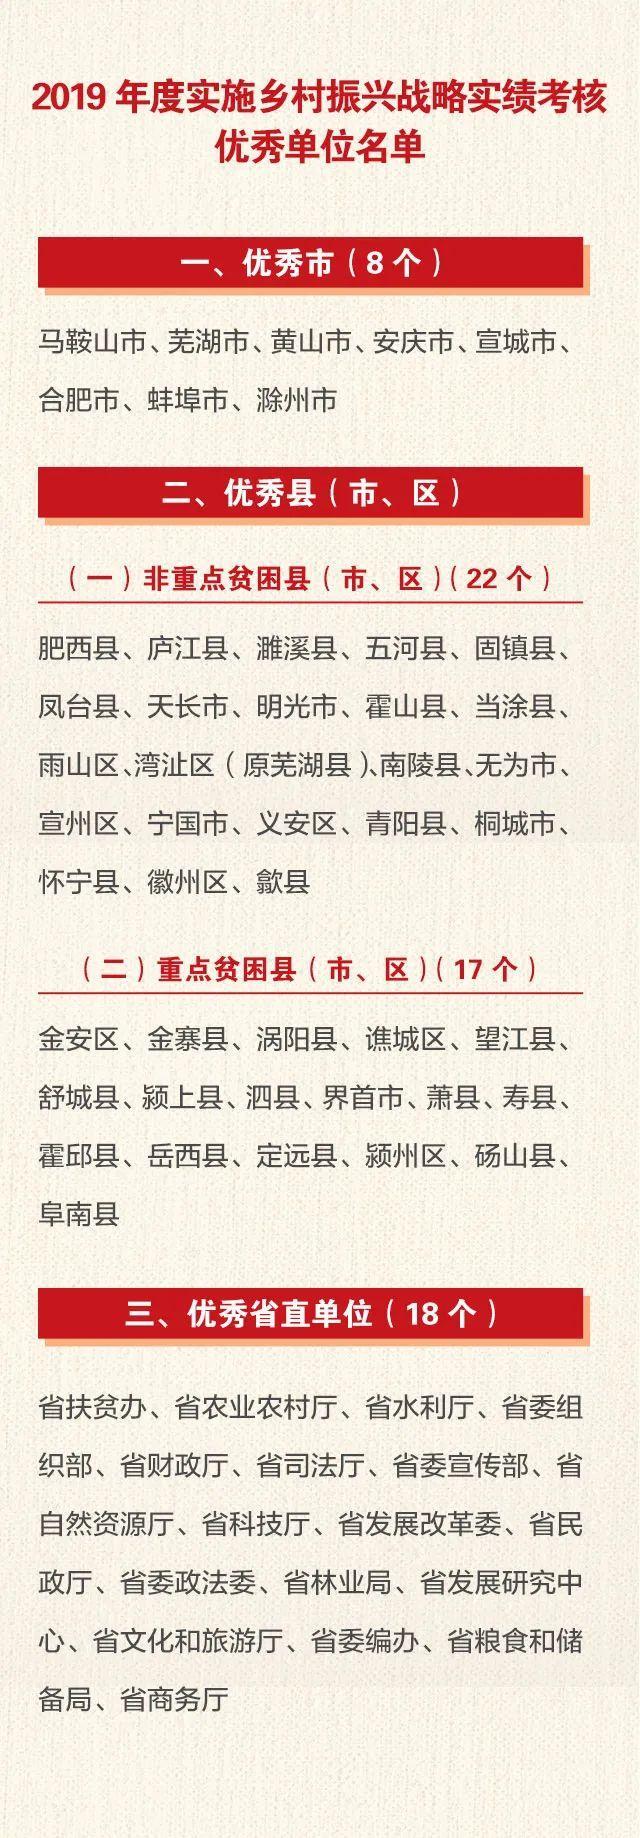 产业兴盛,村容整洁!蚌埠获全省通报表彰!